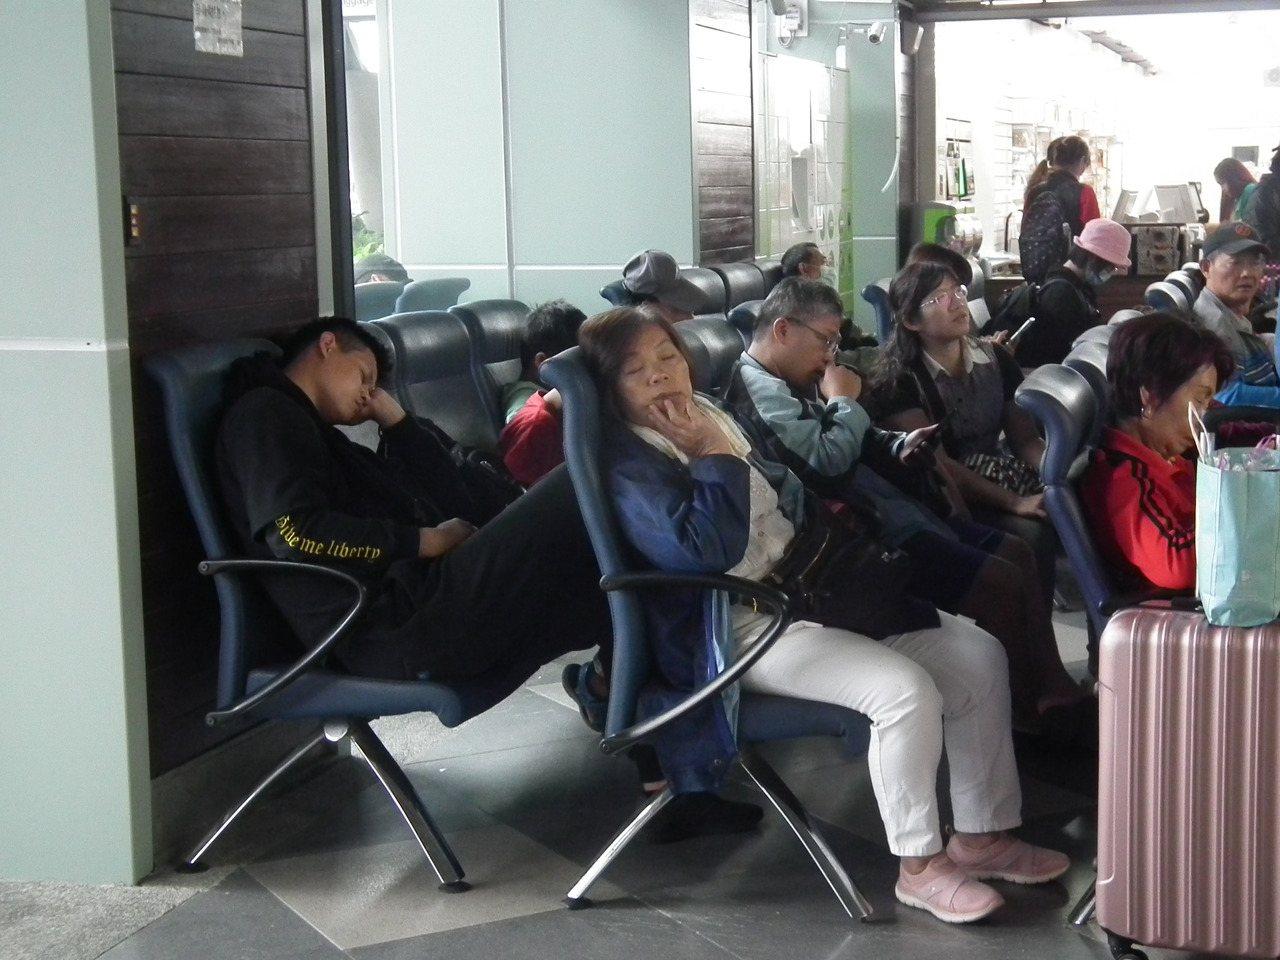 由於許多班次火車誤點,台東火車站大廳內休息區坐滿無奈的苦等旅客,有人趁漫長的等待...